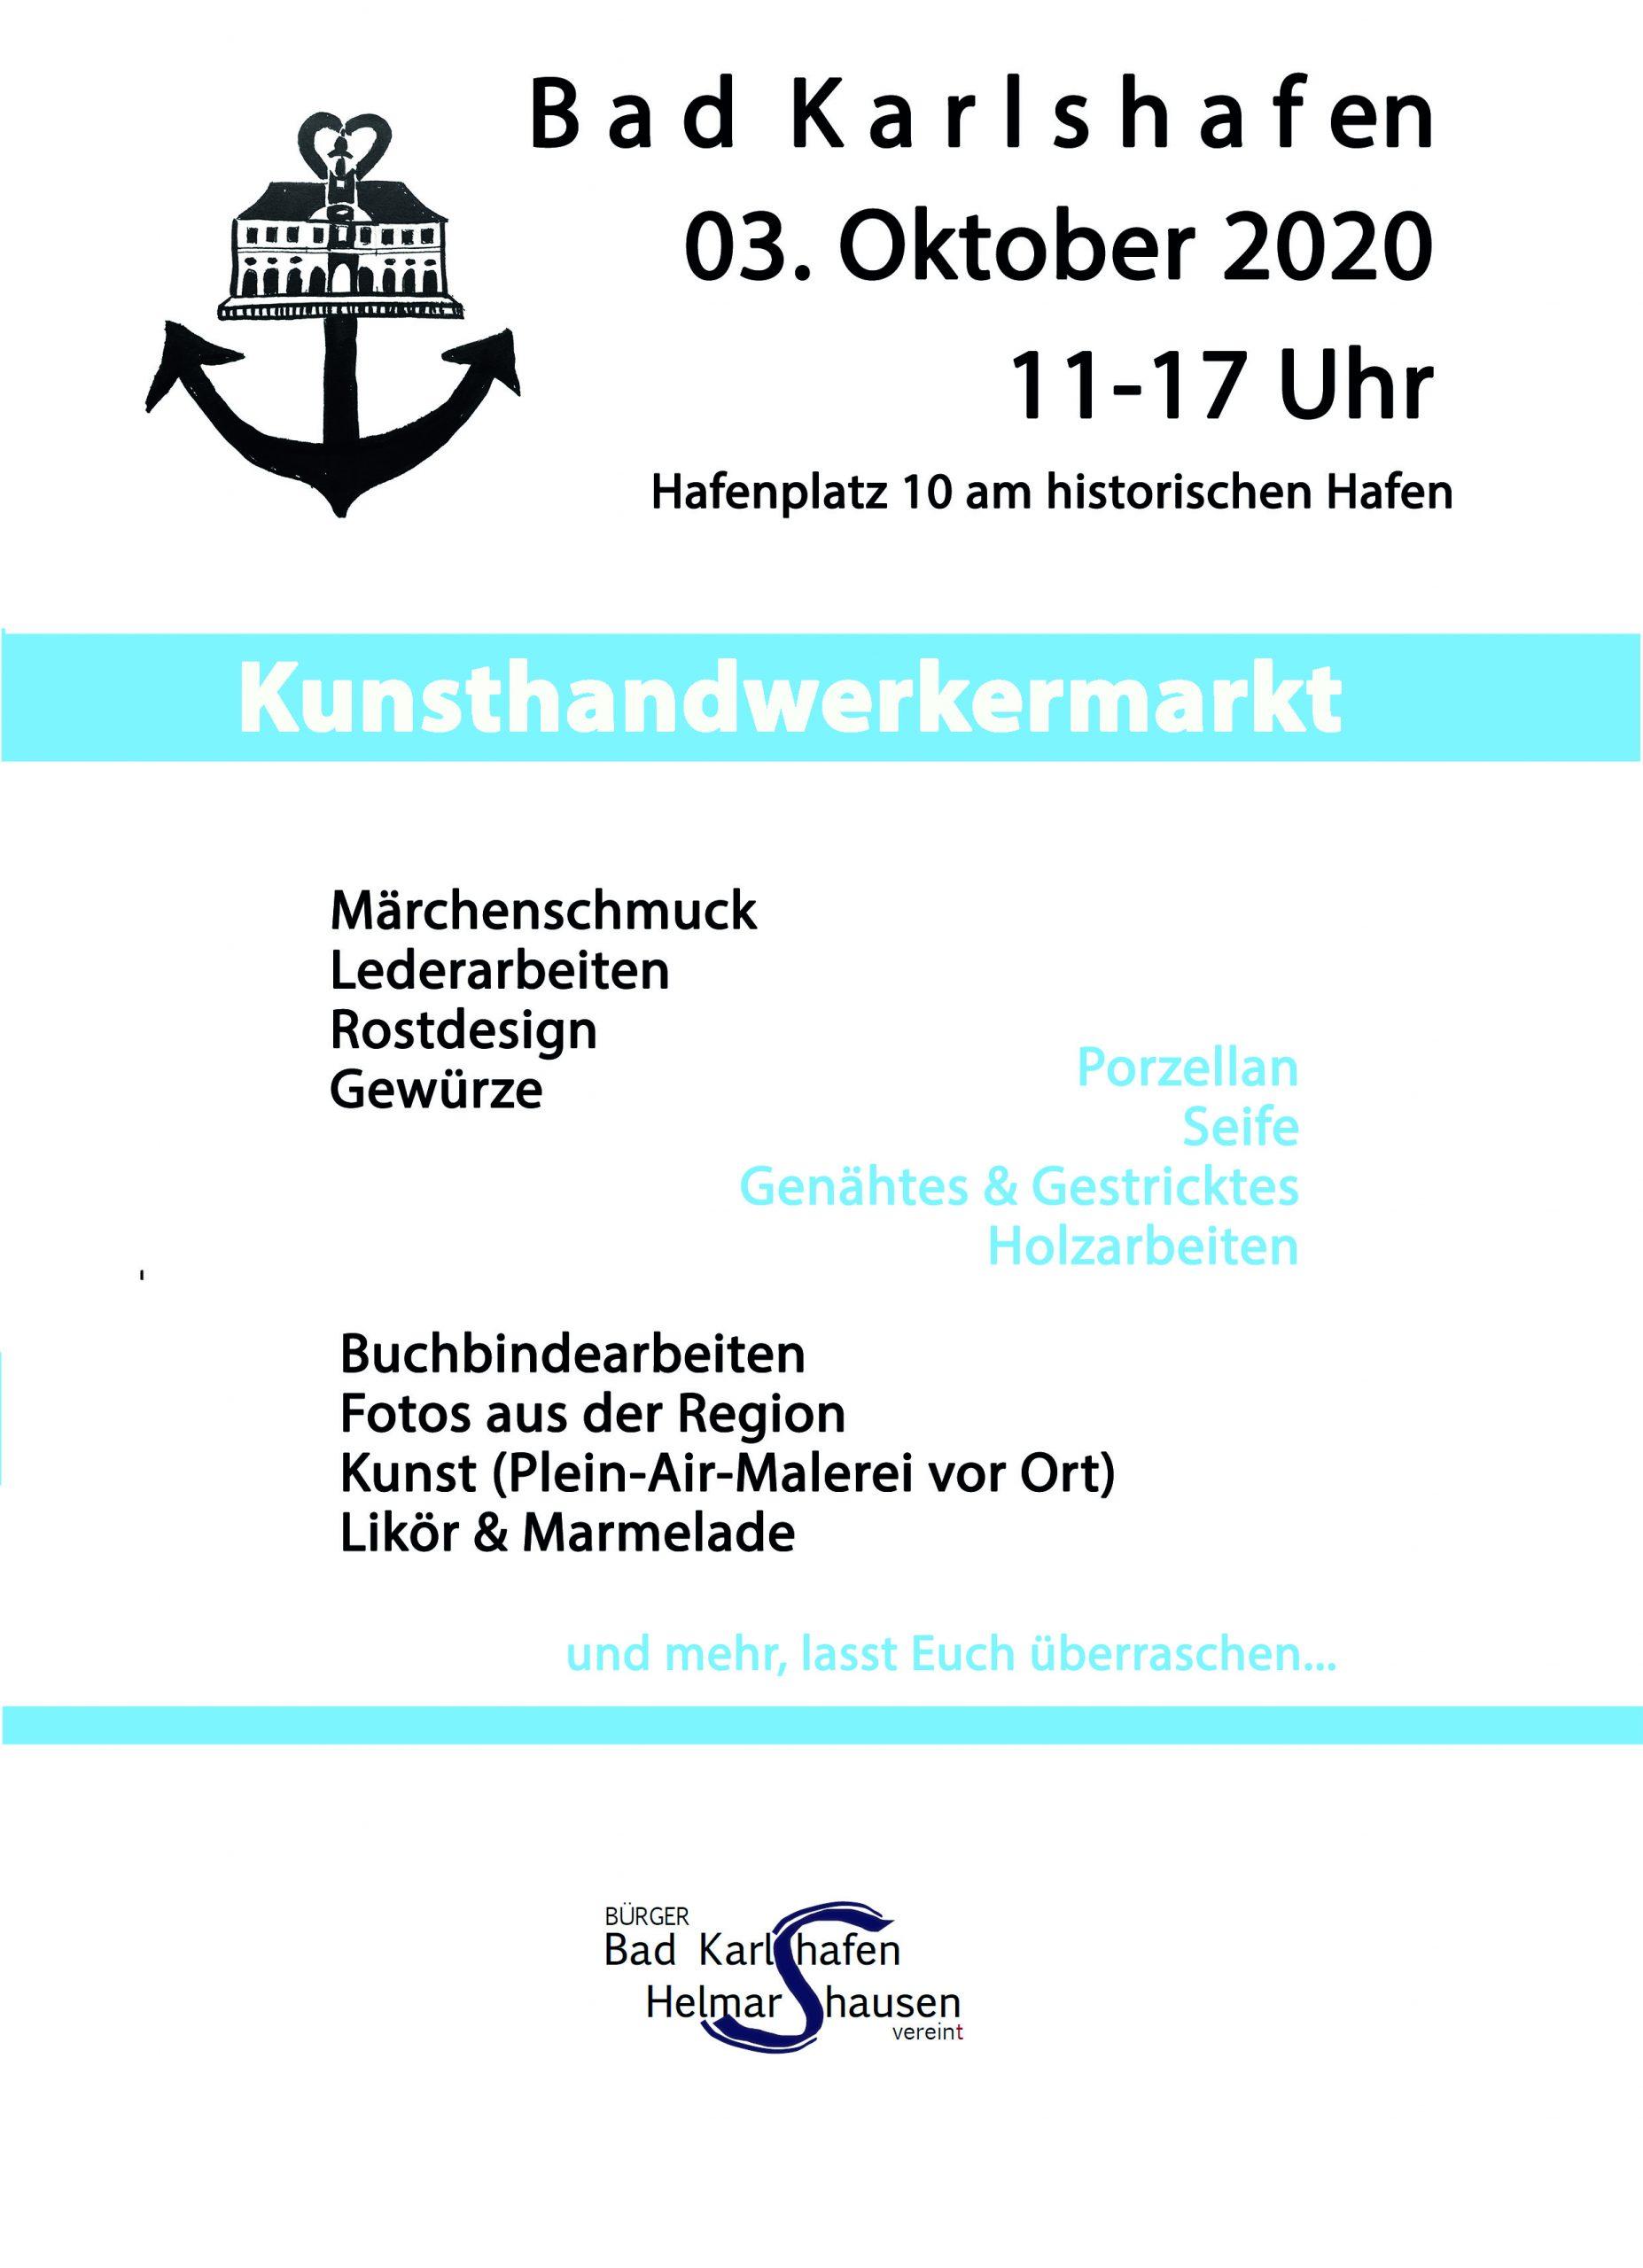 Kunsthandwerkermarkt Bad Karlshafen, 3.10.2020